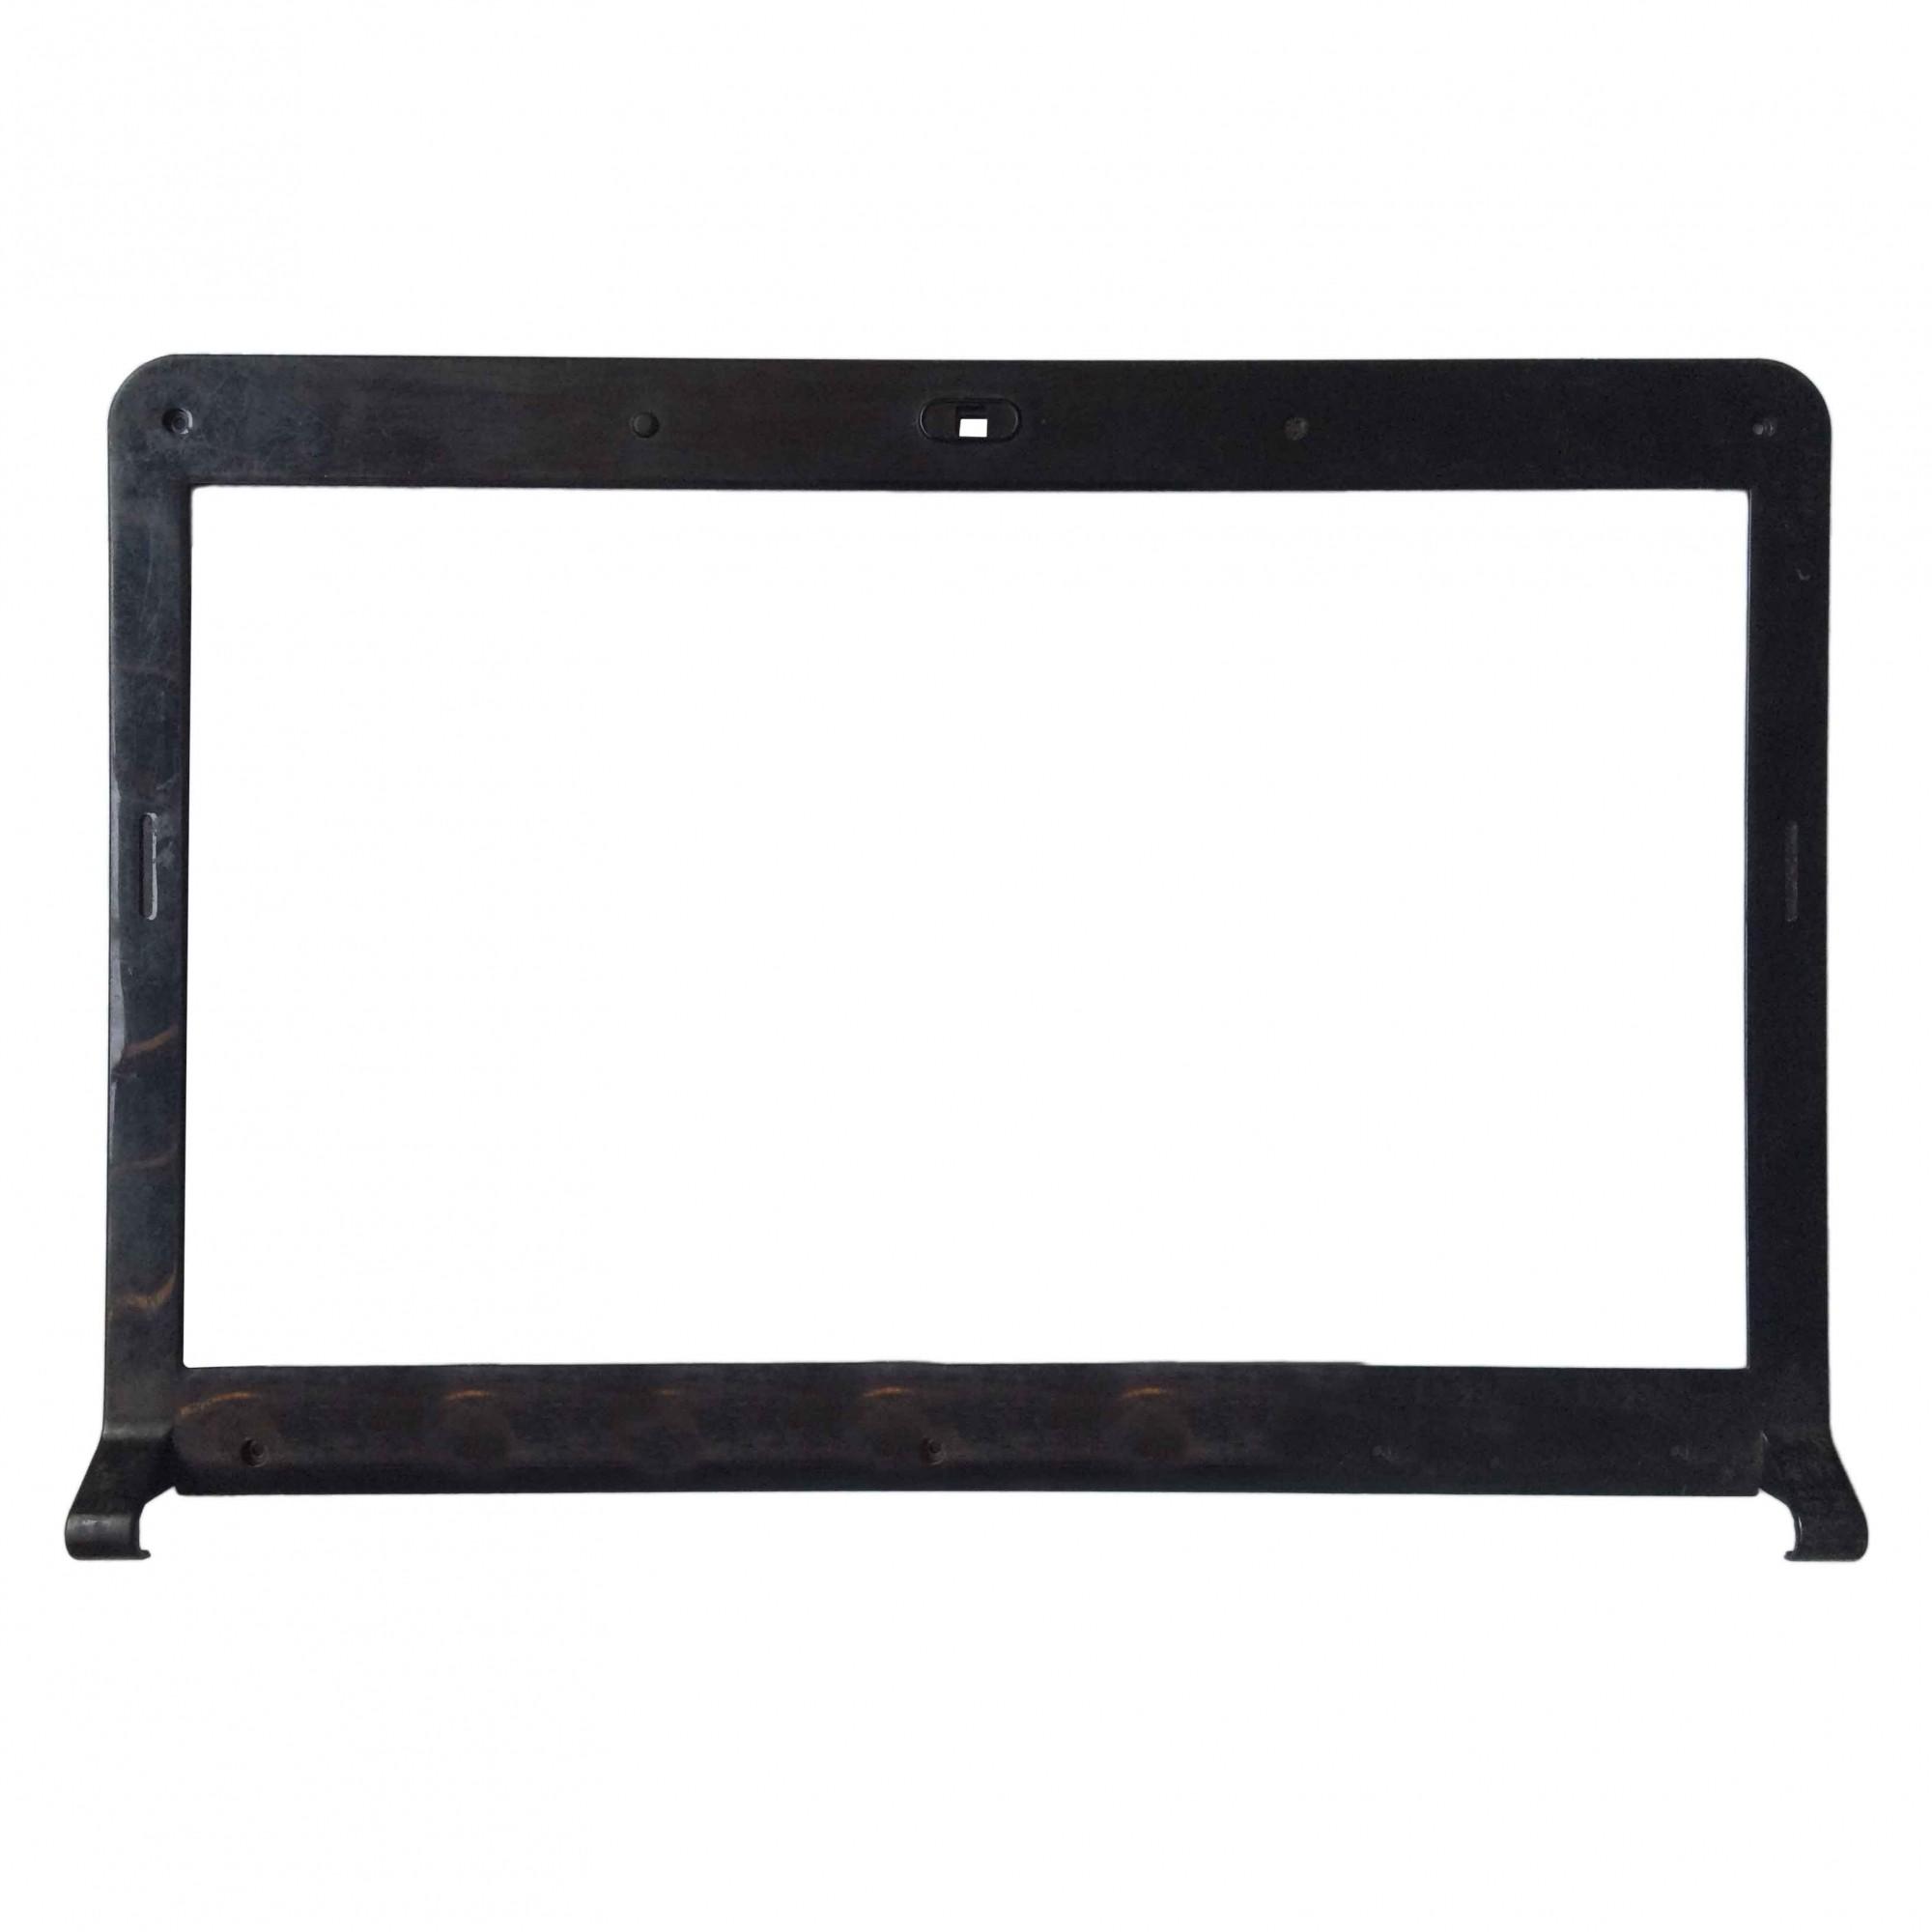 Moldura Tela LCD Notebook Positivo Unique PN:62r-a141mk-0201 - Retirado